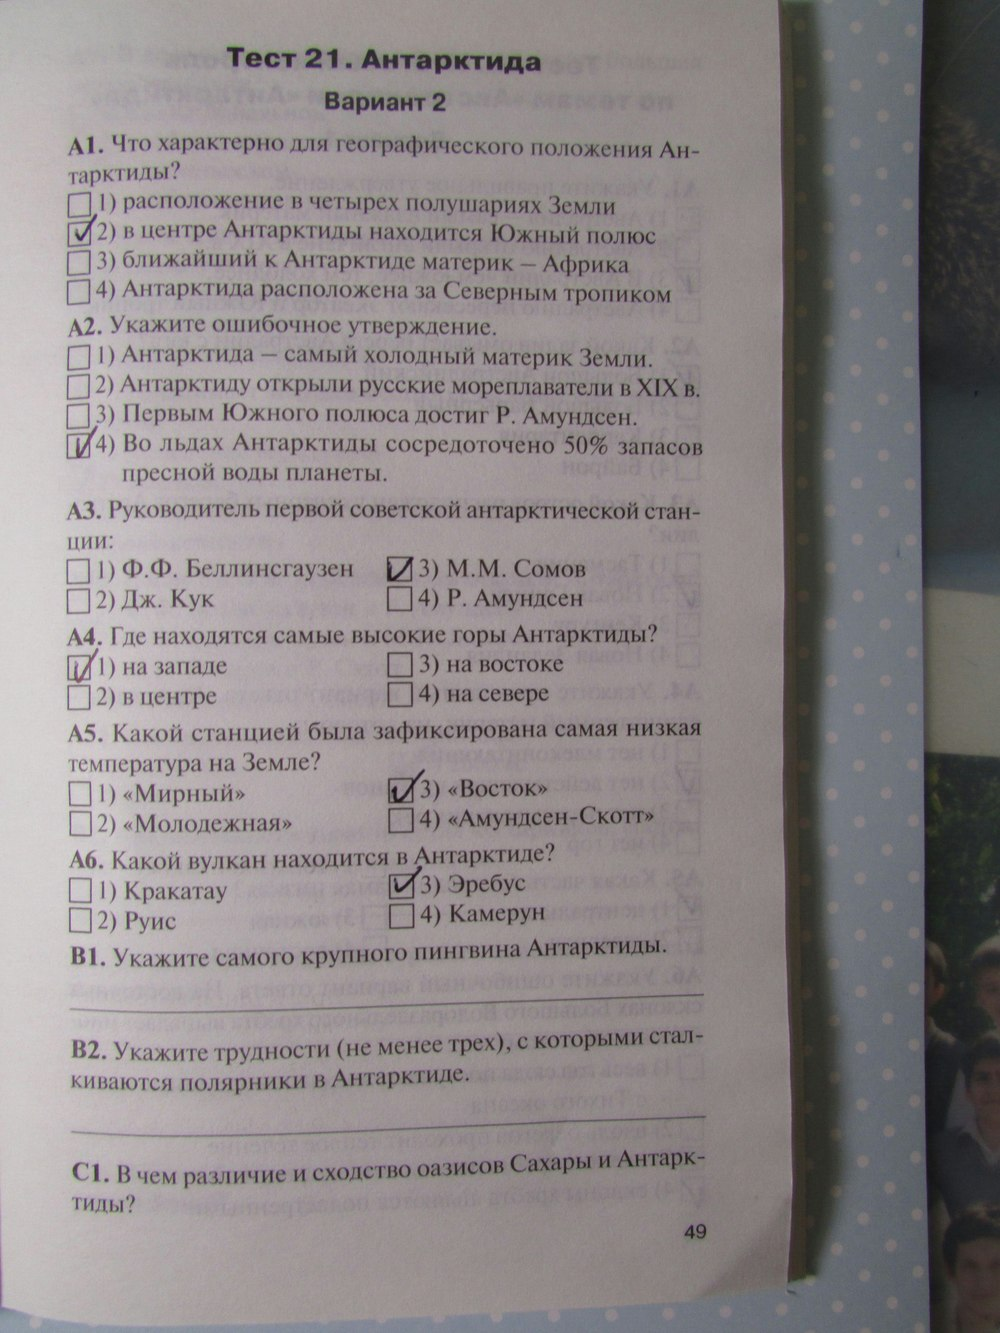 Гдз по географии класс к учебнику элькин г.н